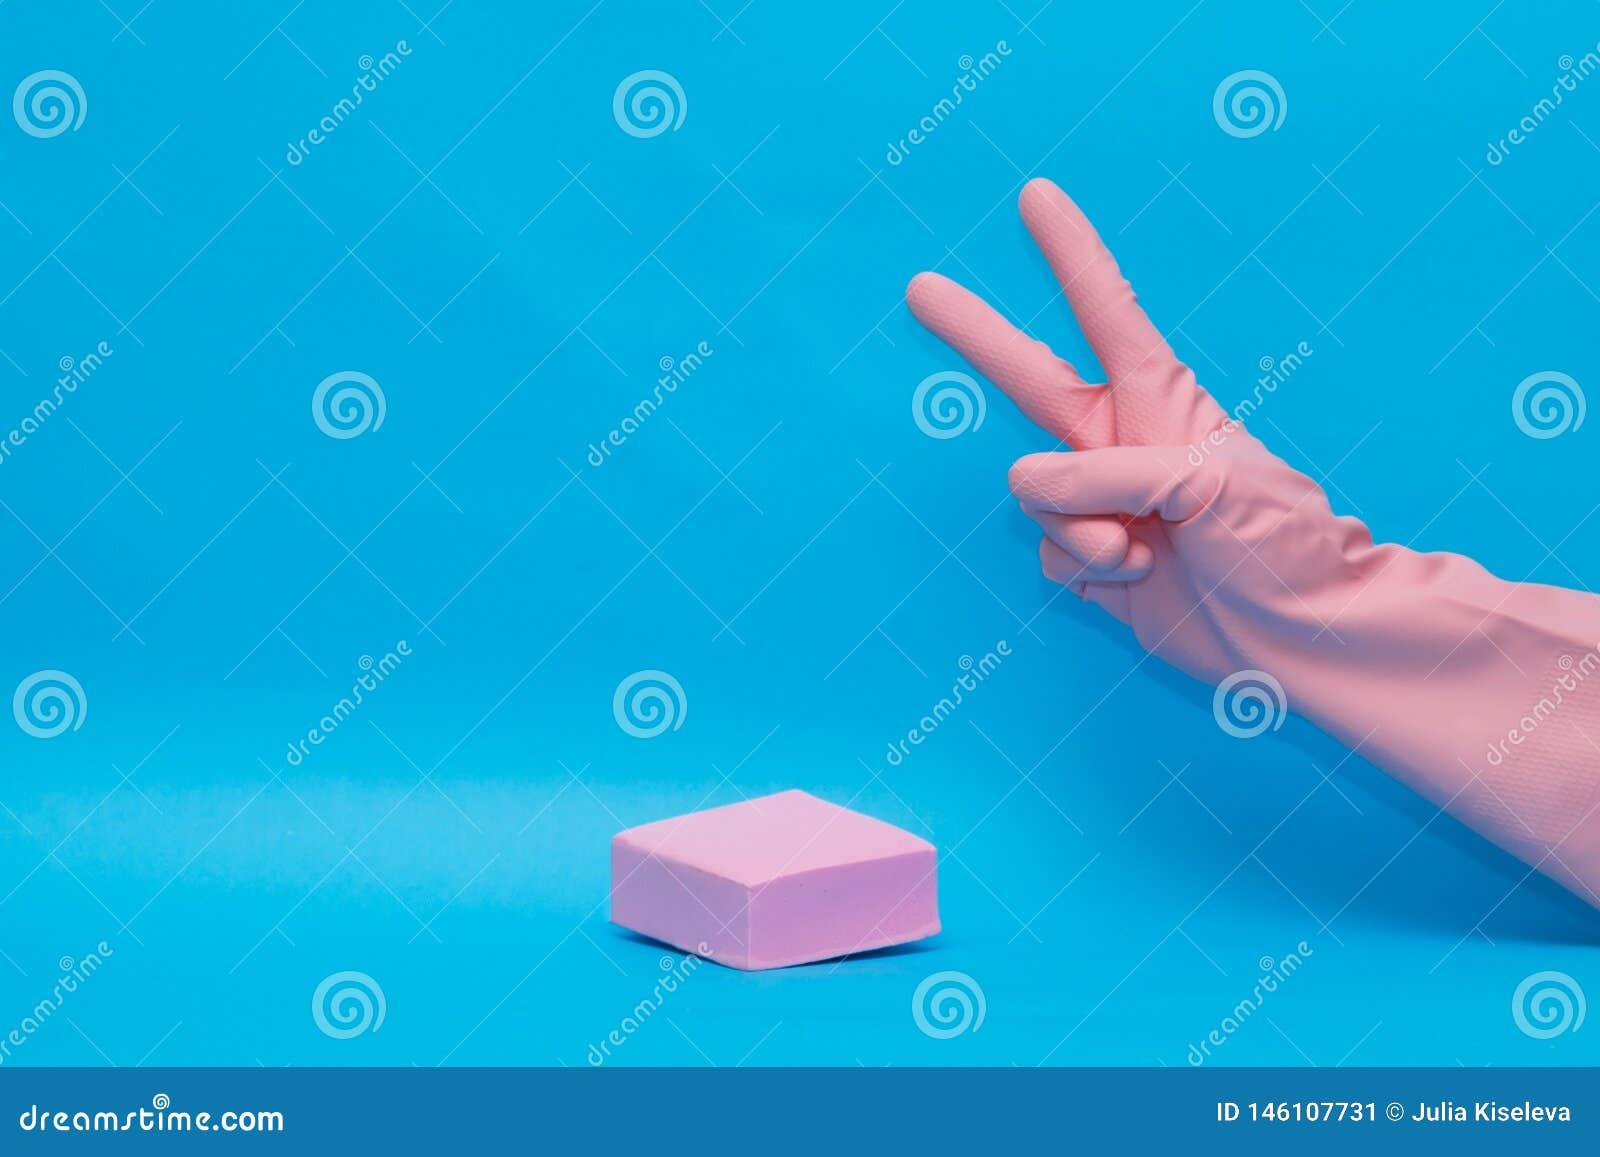 Mains dans le gant rose économique pour des produits domestiques sur le fond bleu pour la conception